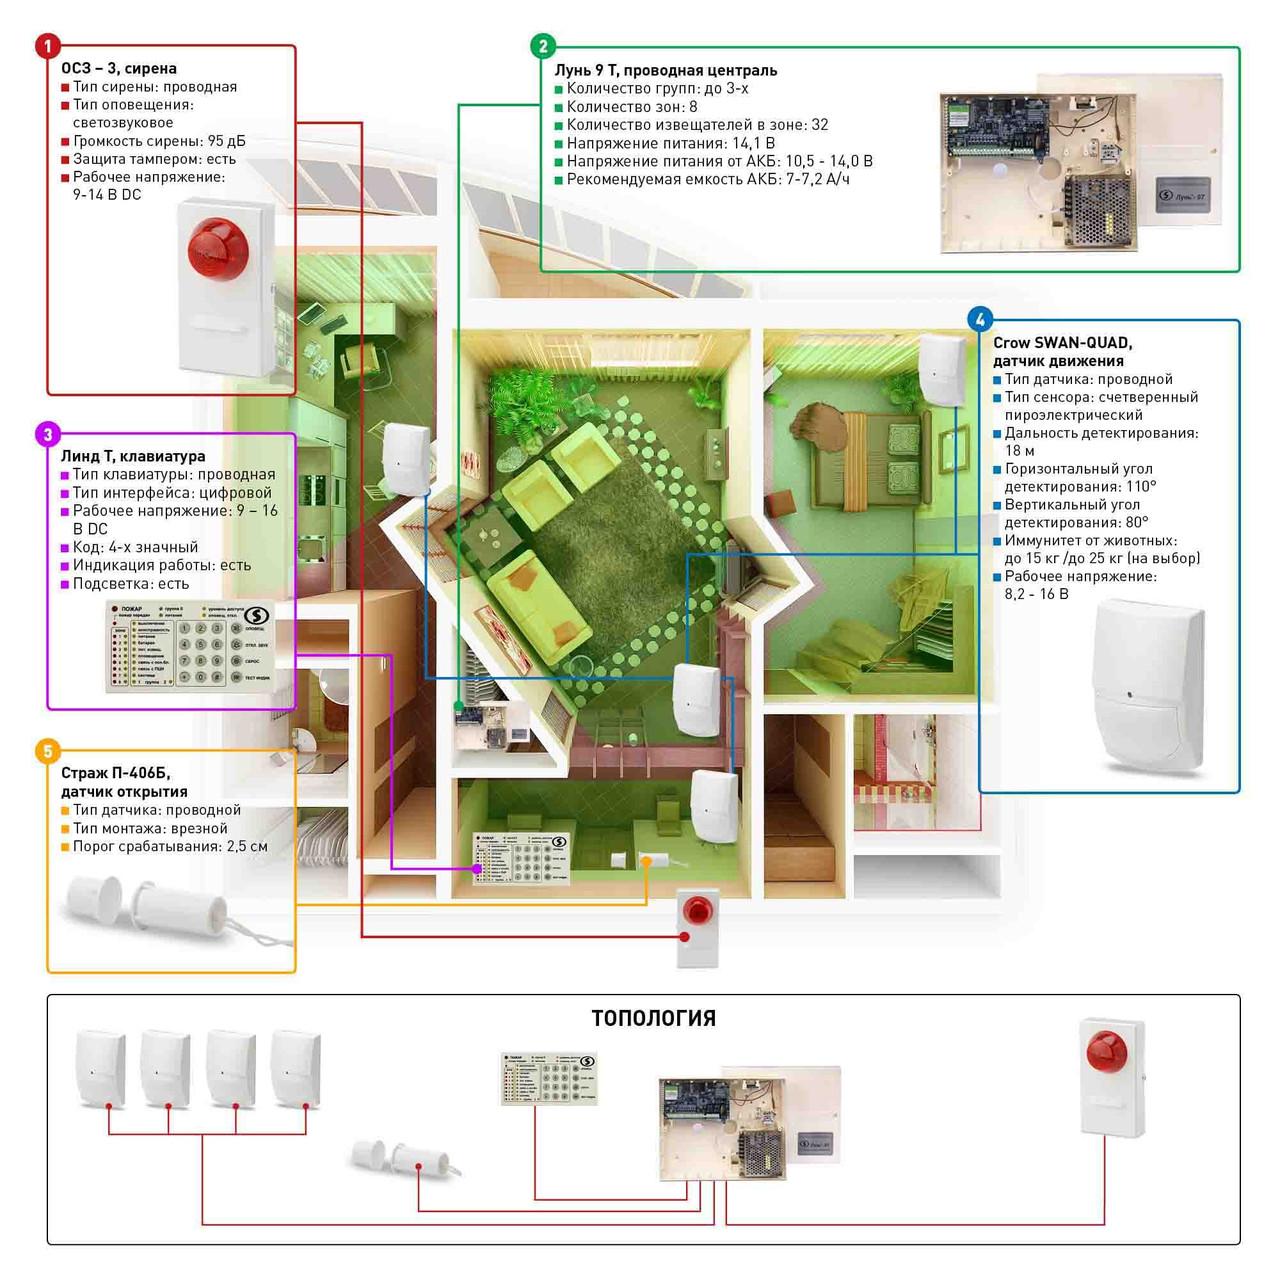 Пультова провідна - Сигналізація для квартири - Сигналізація під ключ - Сигналізація